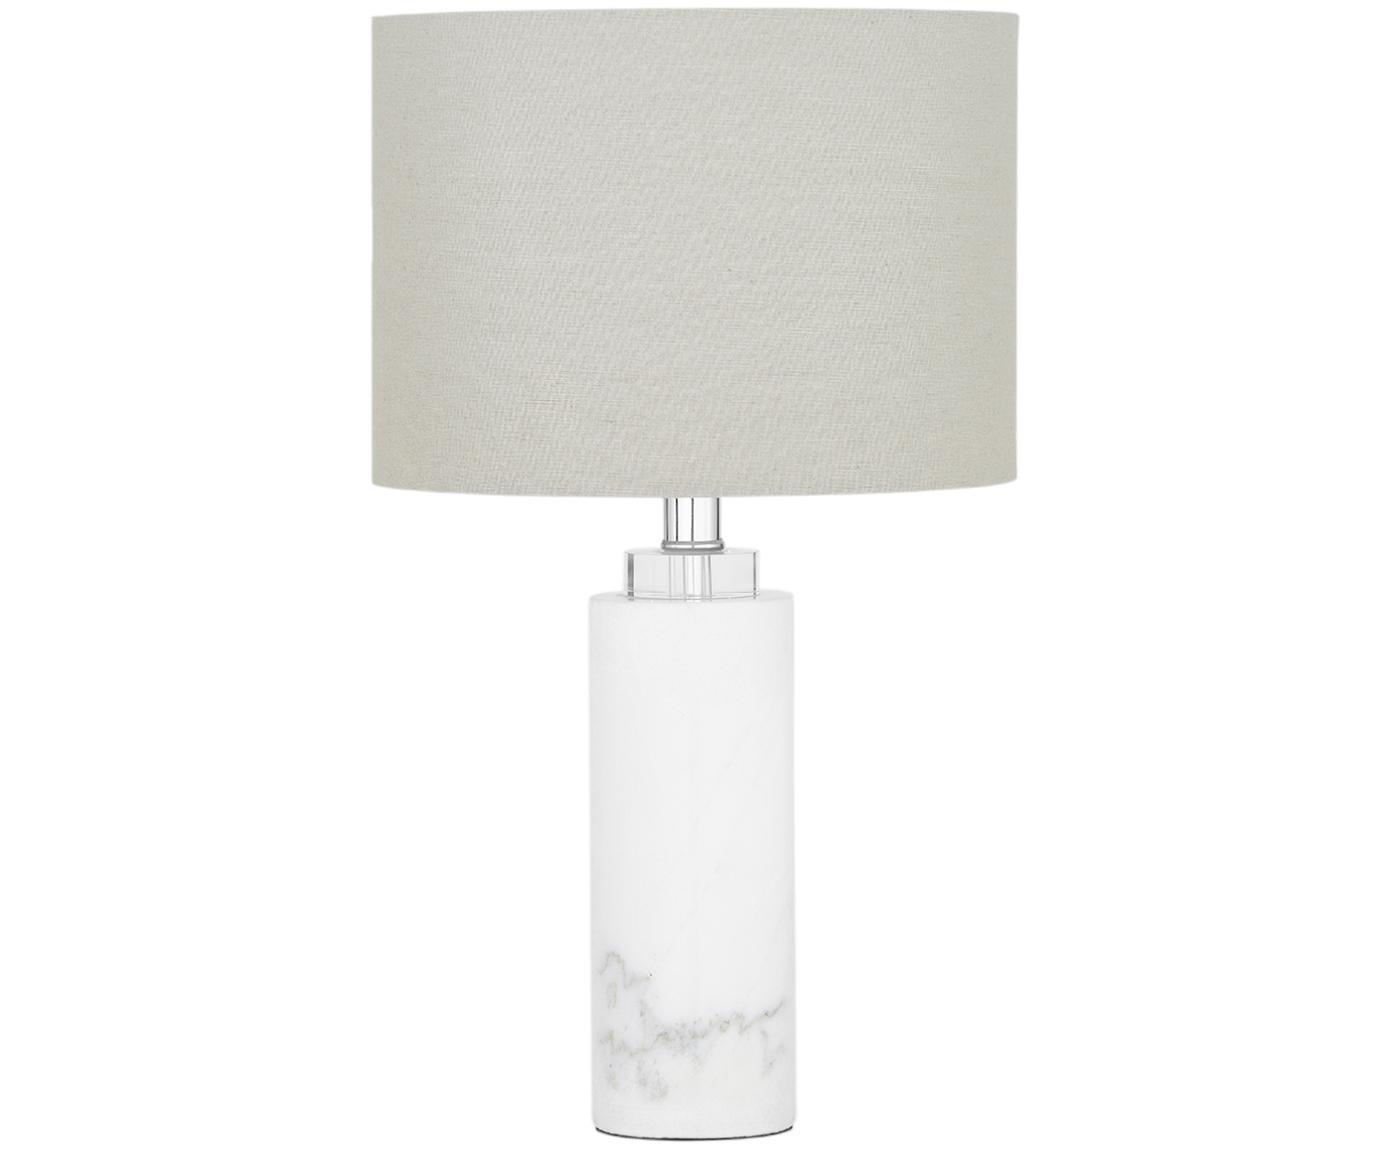 Klassische Tischleuchte Amanda mit Marmorfuß, Lampenschirm: Textil, Lampenfuß: Marmor, Kristall, Weiß, Ø 28 x H 48 cm